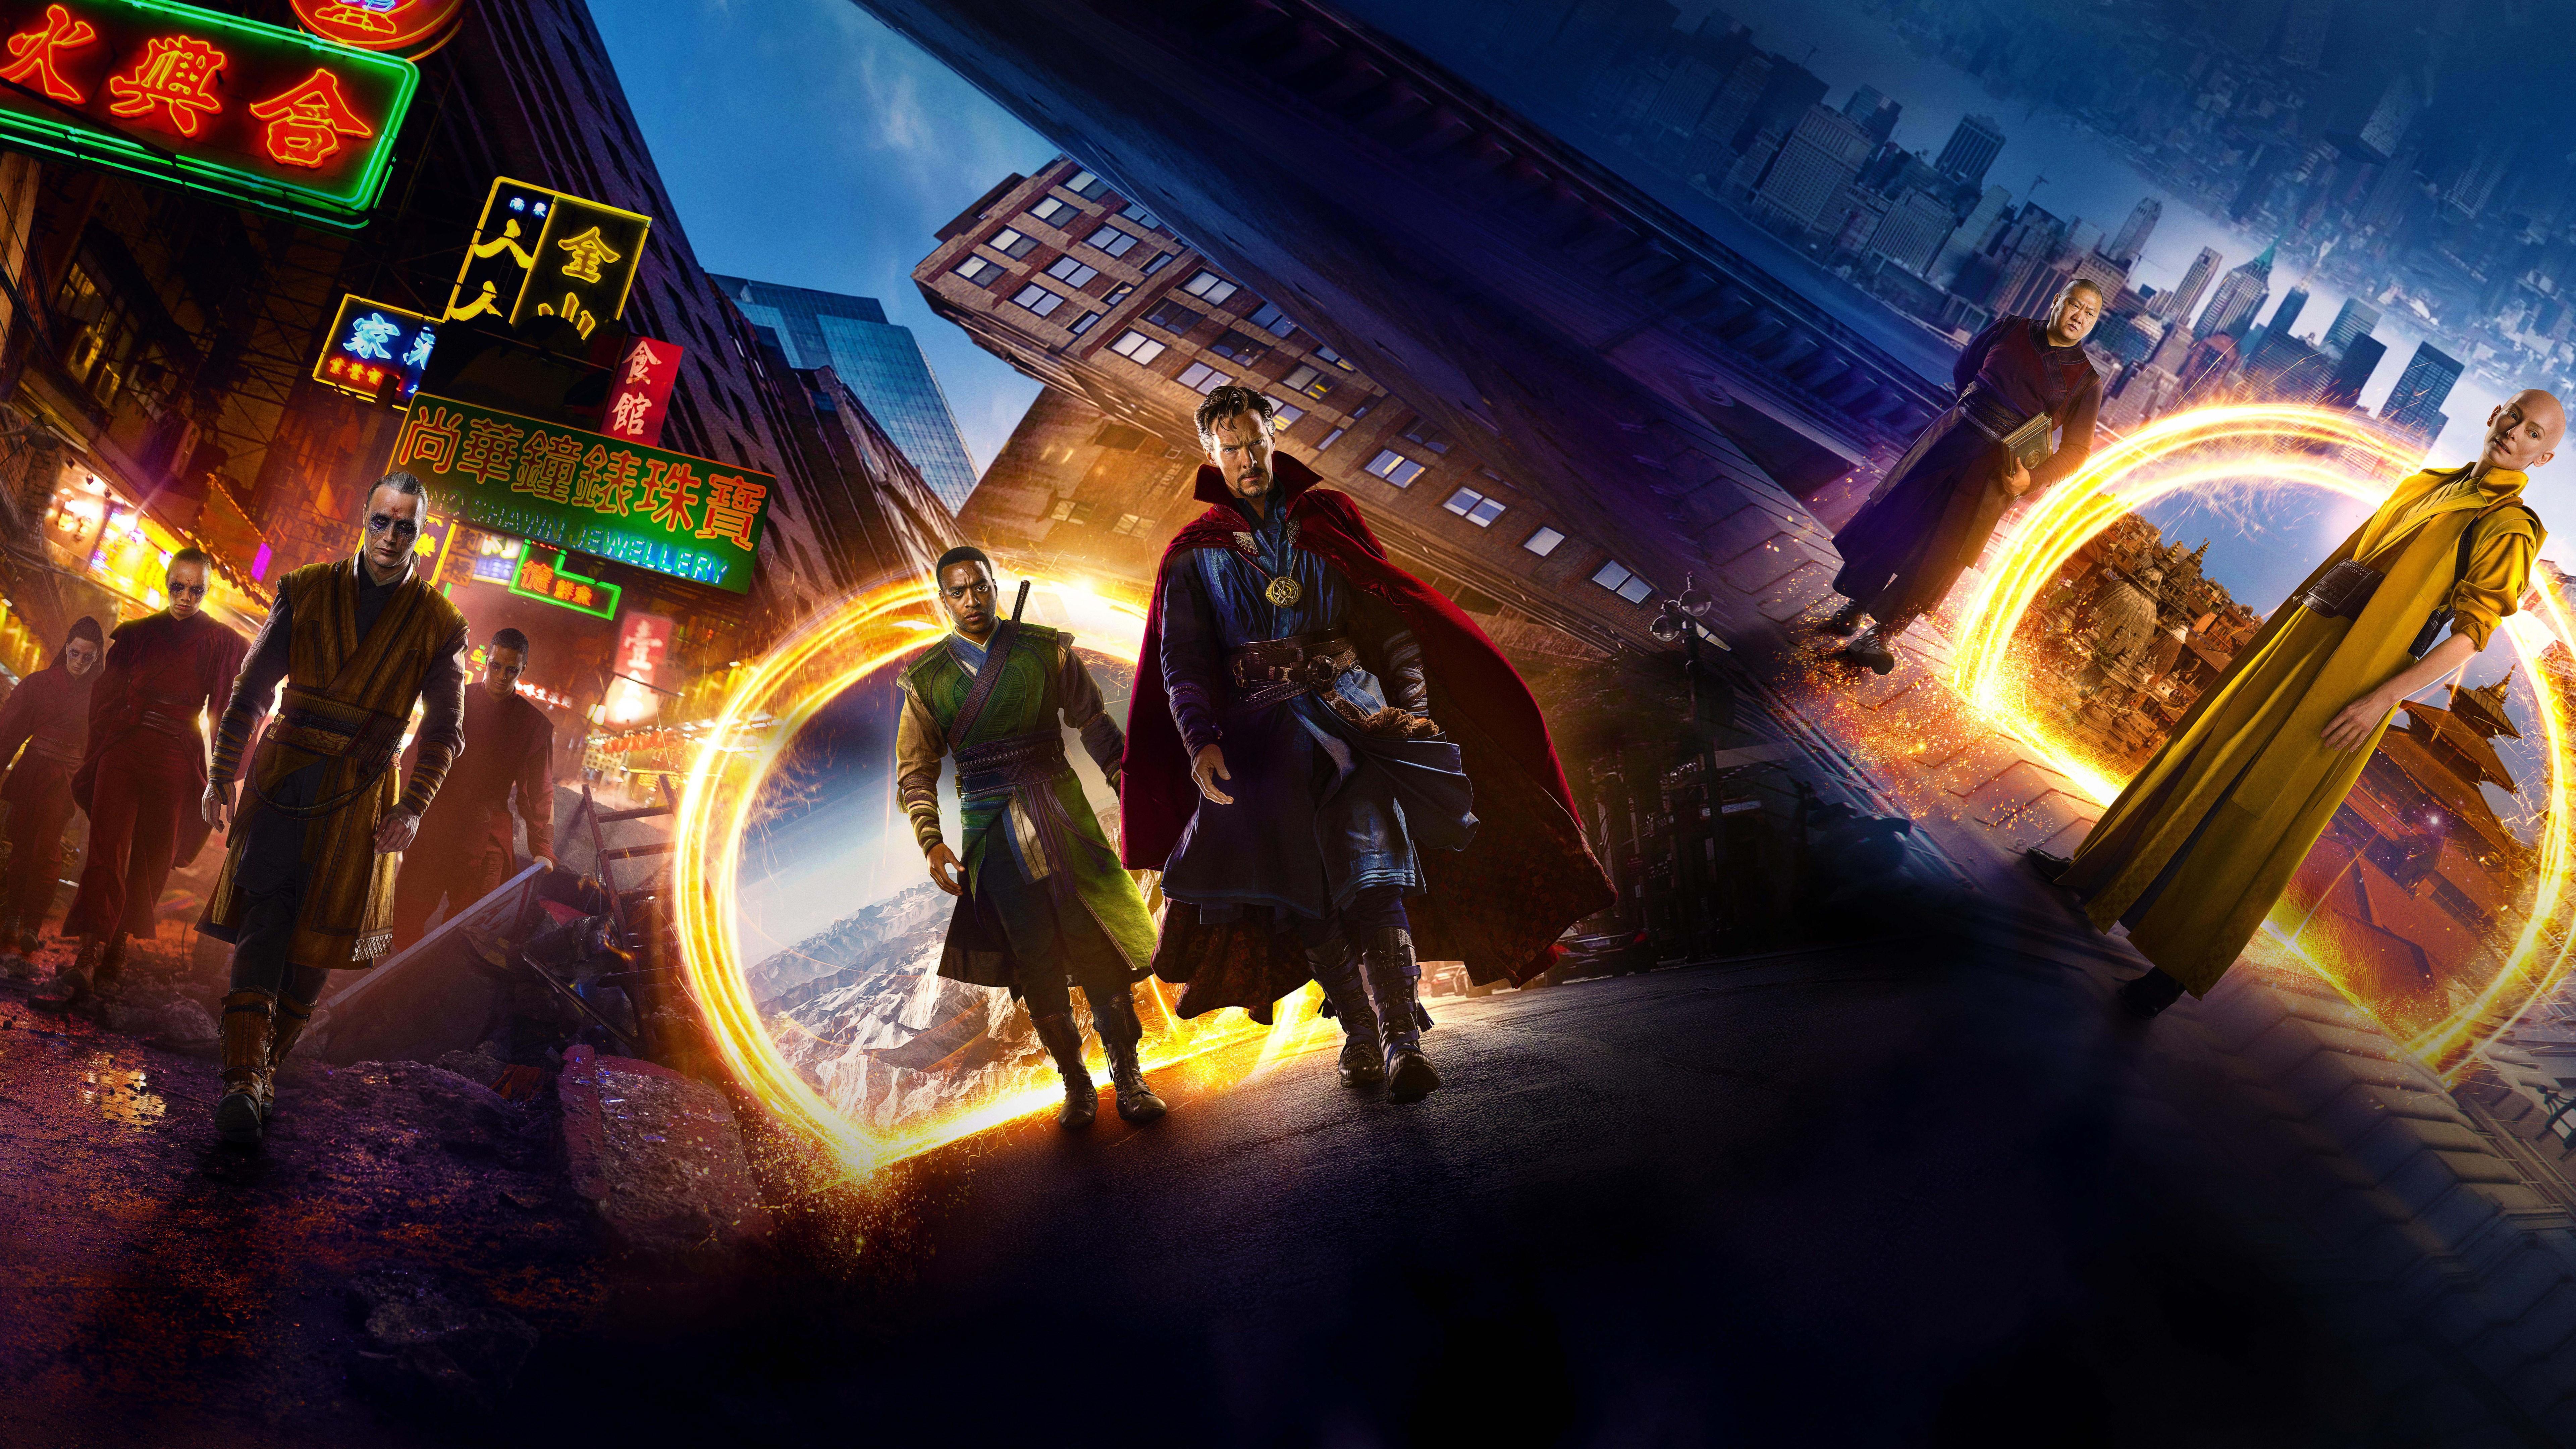 Doctor Strange wallpaper 9 7680x4320